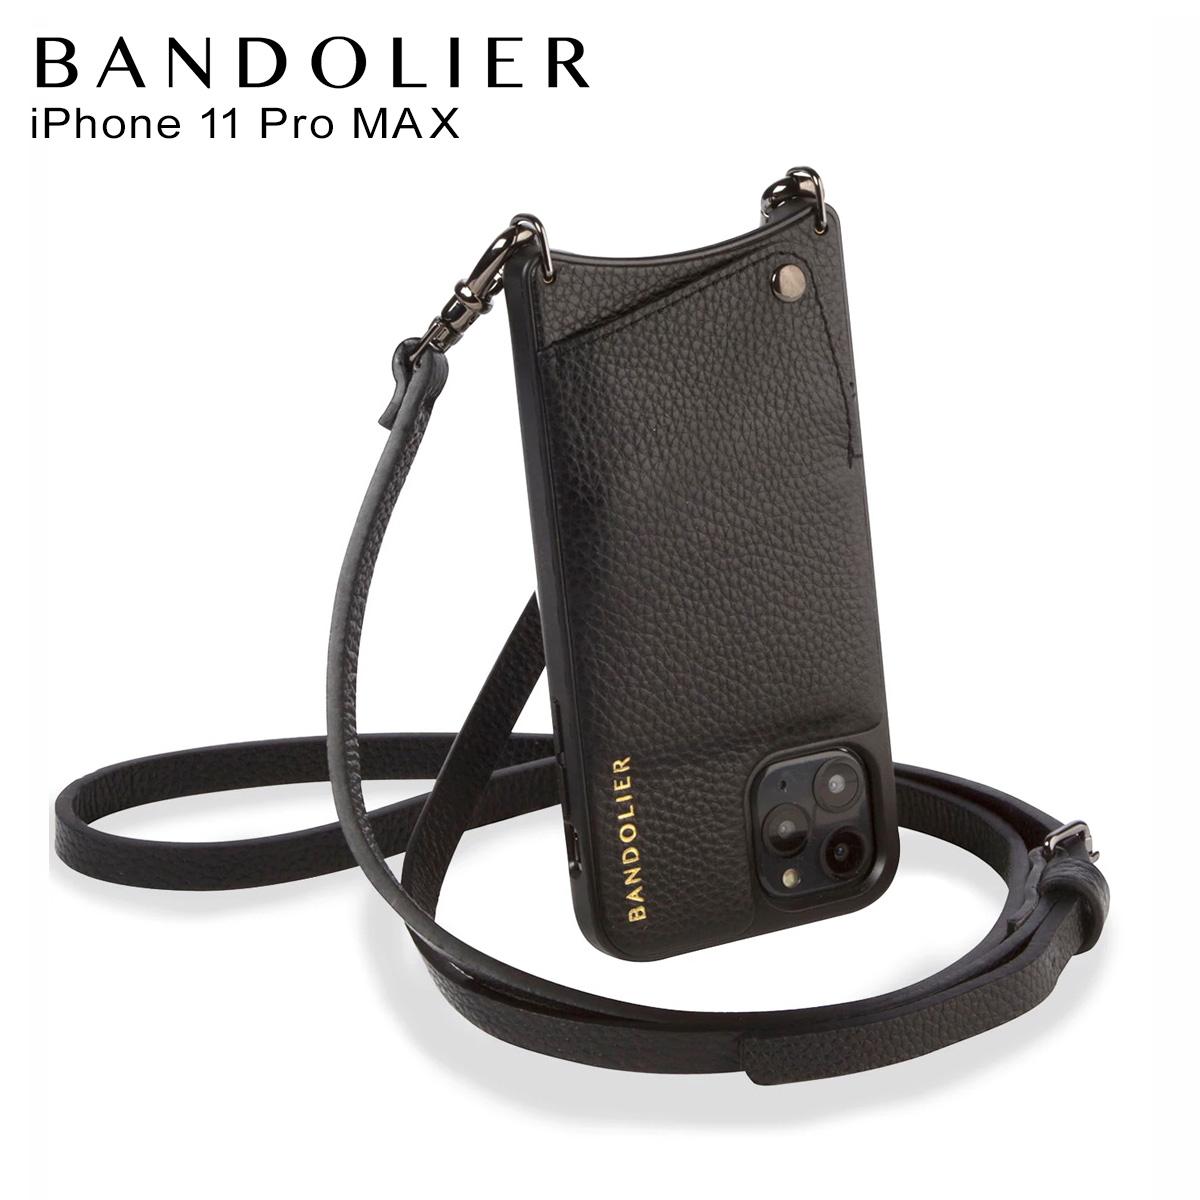 BANDOLIER EMMA PEWTER バンドリヤー エマ ピューター iPhone11 Pro MAX ケース スマホ 携帯 ショルダー アイフォン メンズ レディース ブラック 黒 2980